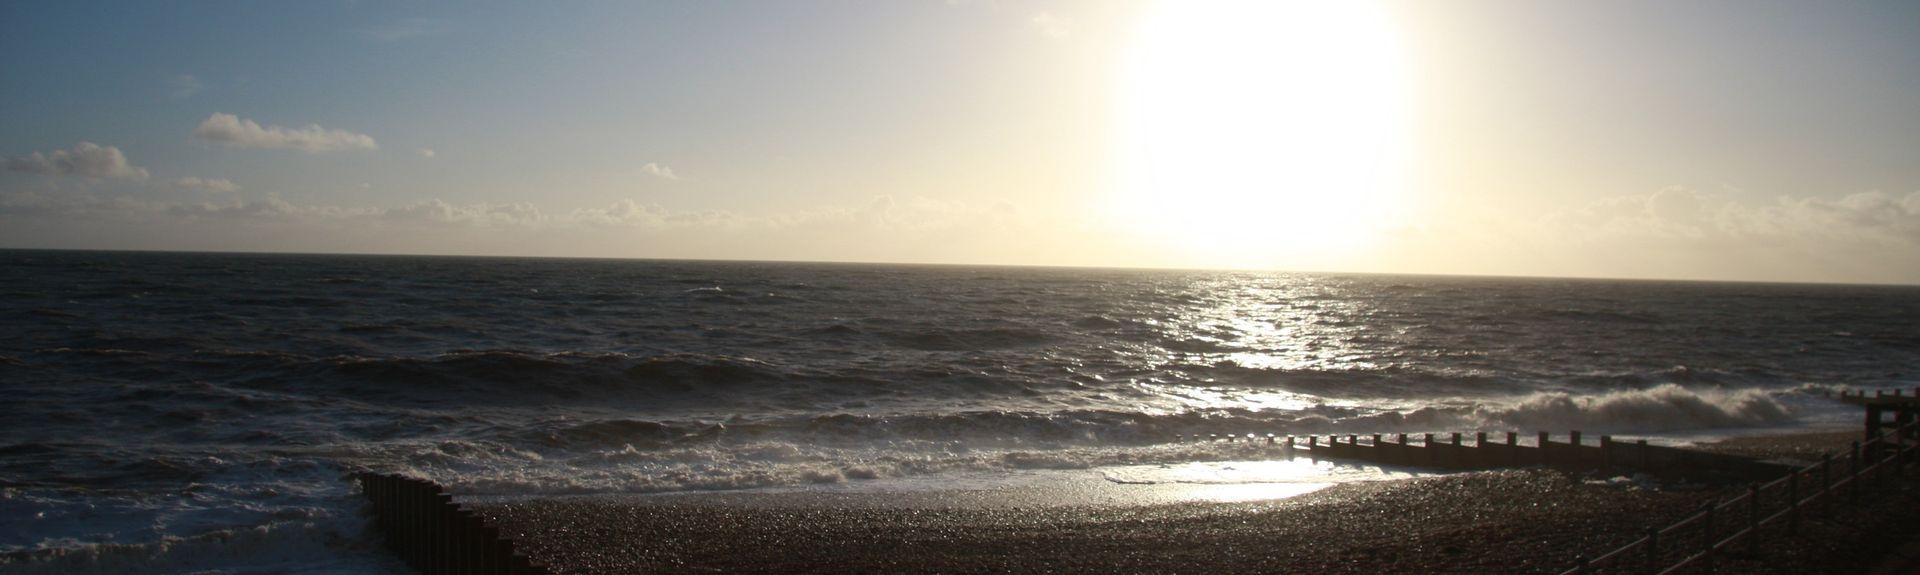 Eastbourne Pier, Eastbourne, England, UK